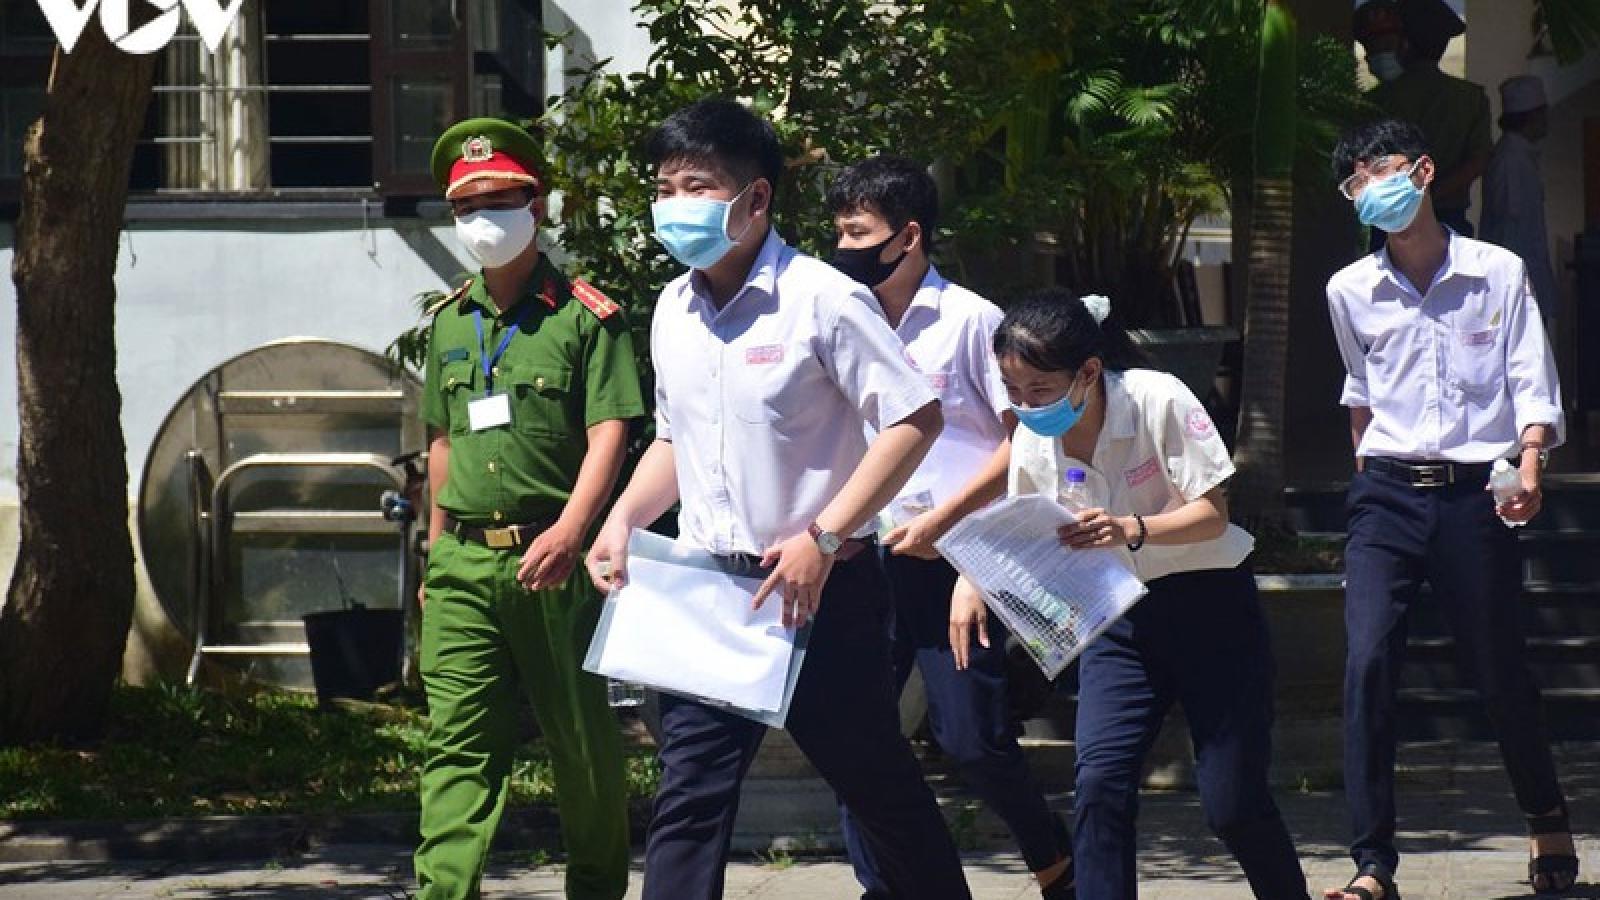 Quảng Nam Sau vụ thầy giáo mắc Covid-19, rà soát kỹ cán bộ coi thi THPT đợt 2